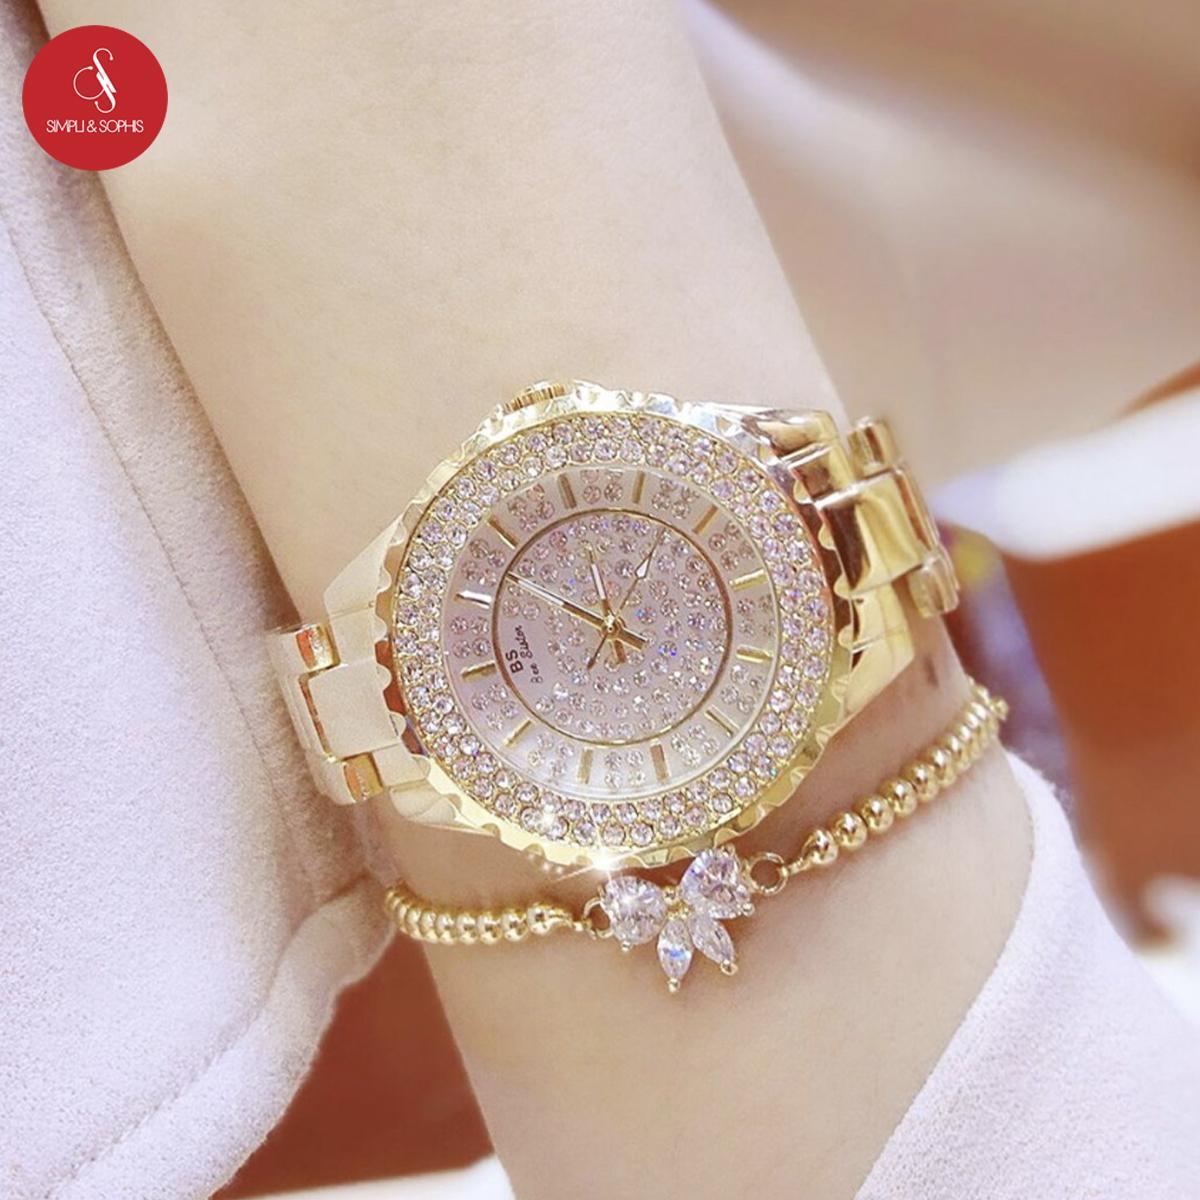 Hình ảnh Đồng hồ nữ Bee Sister 0280 cao cấp 32mm (Vàng) + Tặng hộp đựng đồng hồ thời trang & Pin